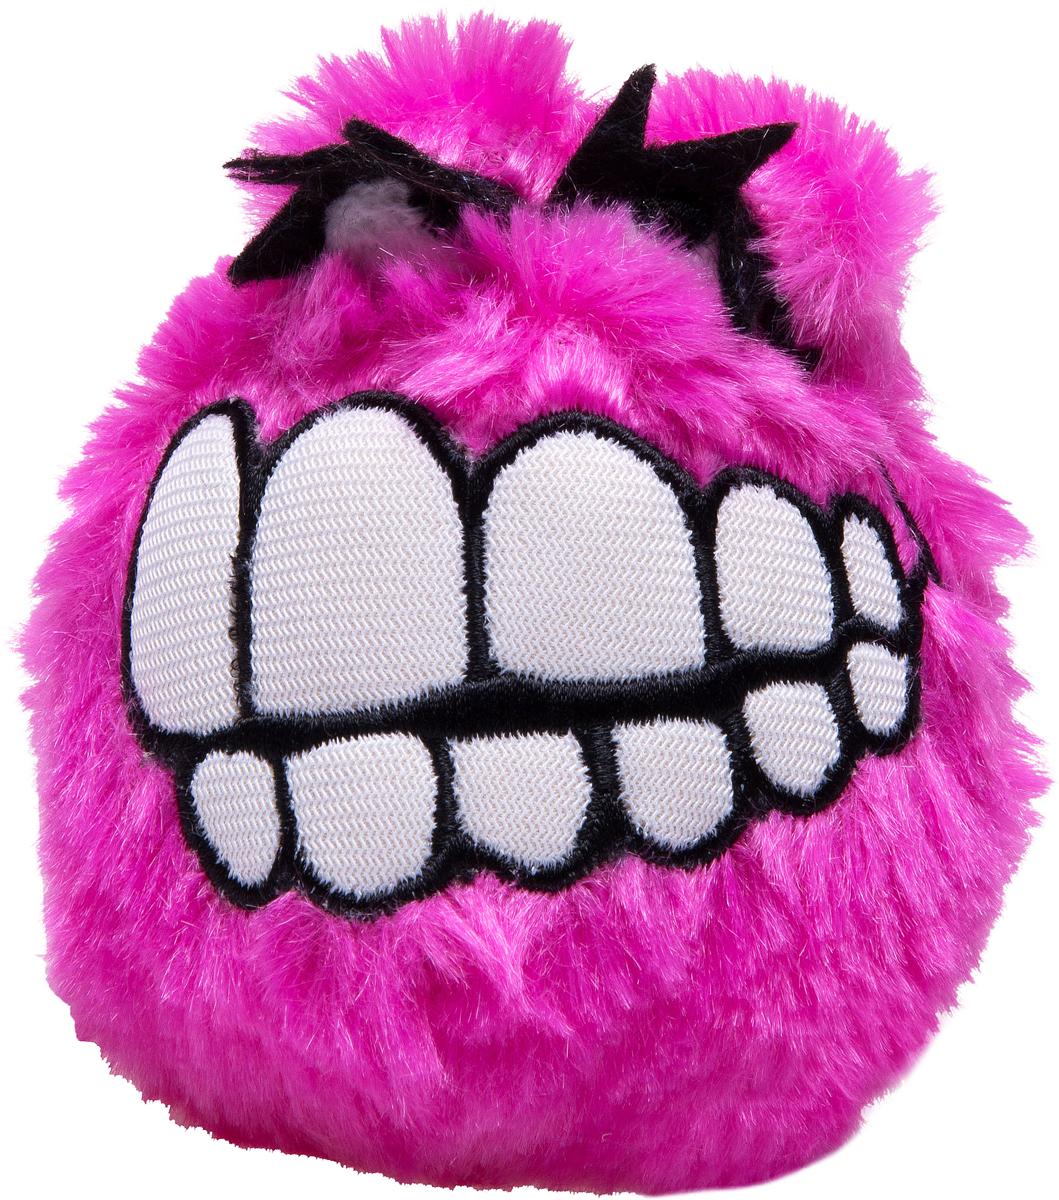 Игрушка для собак Rogz Fluffy Grinz. Зубы, цвет: розовый, диаметр 7,8 см0120710Игрушка для собак Rogz Fluffy Grinz. Зубы - особо мягкий, плюшевый мяч. Для животных, которые любят играть в Поймай-принеси - это просто мечта.Небольшой вес изделия.Не травмирует зубы и десны.Удобен для переноски животных.Внутри игрушки пищалка, что поддерживает интерес животного к игре.